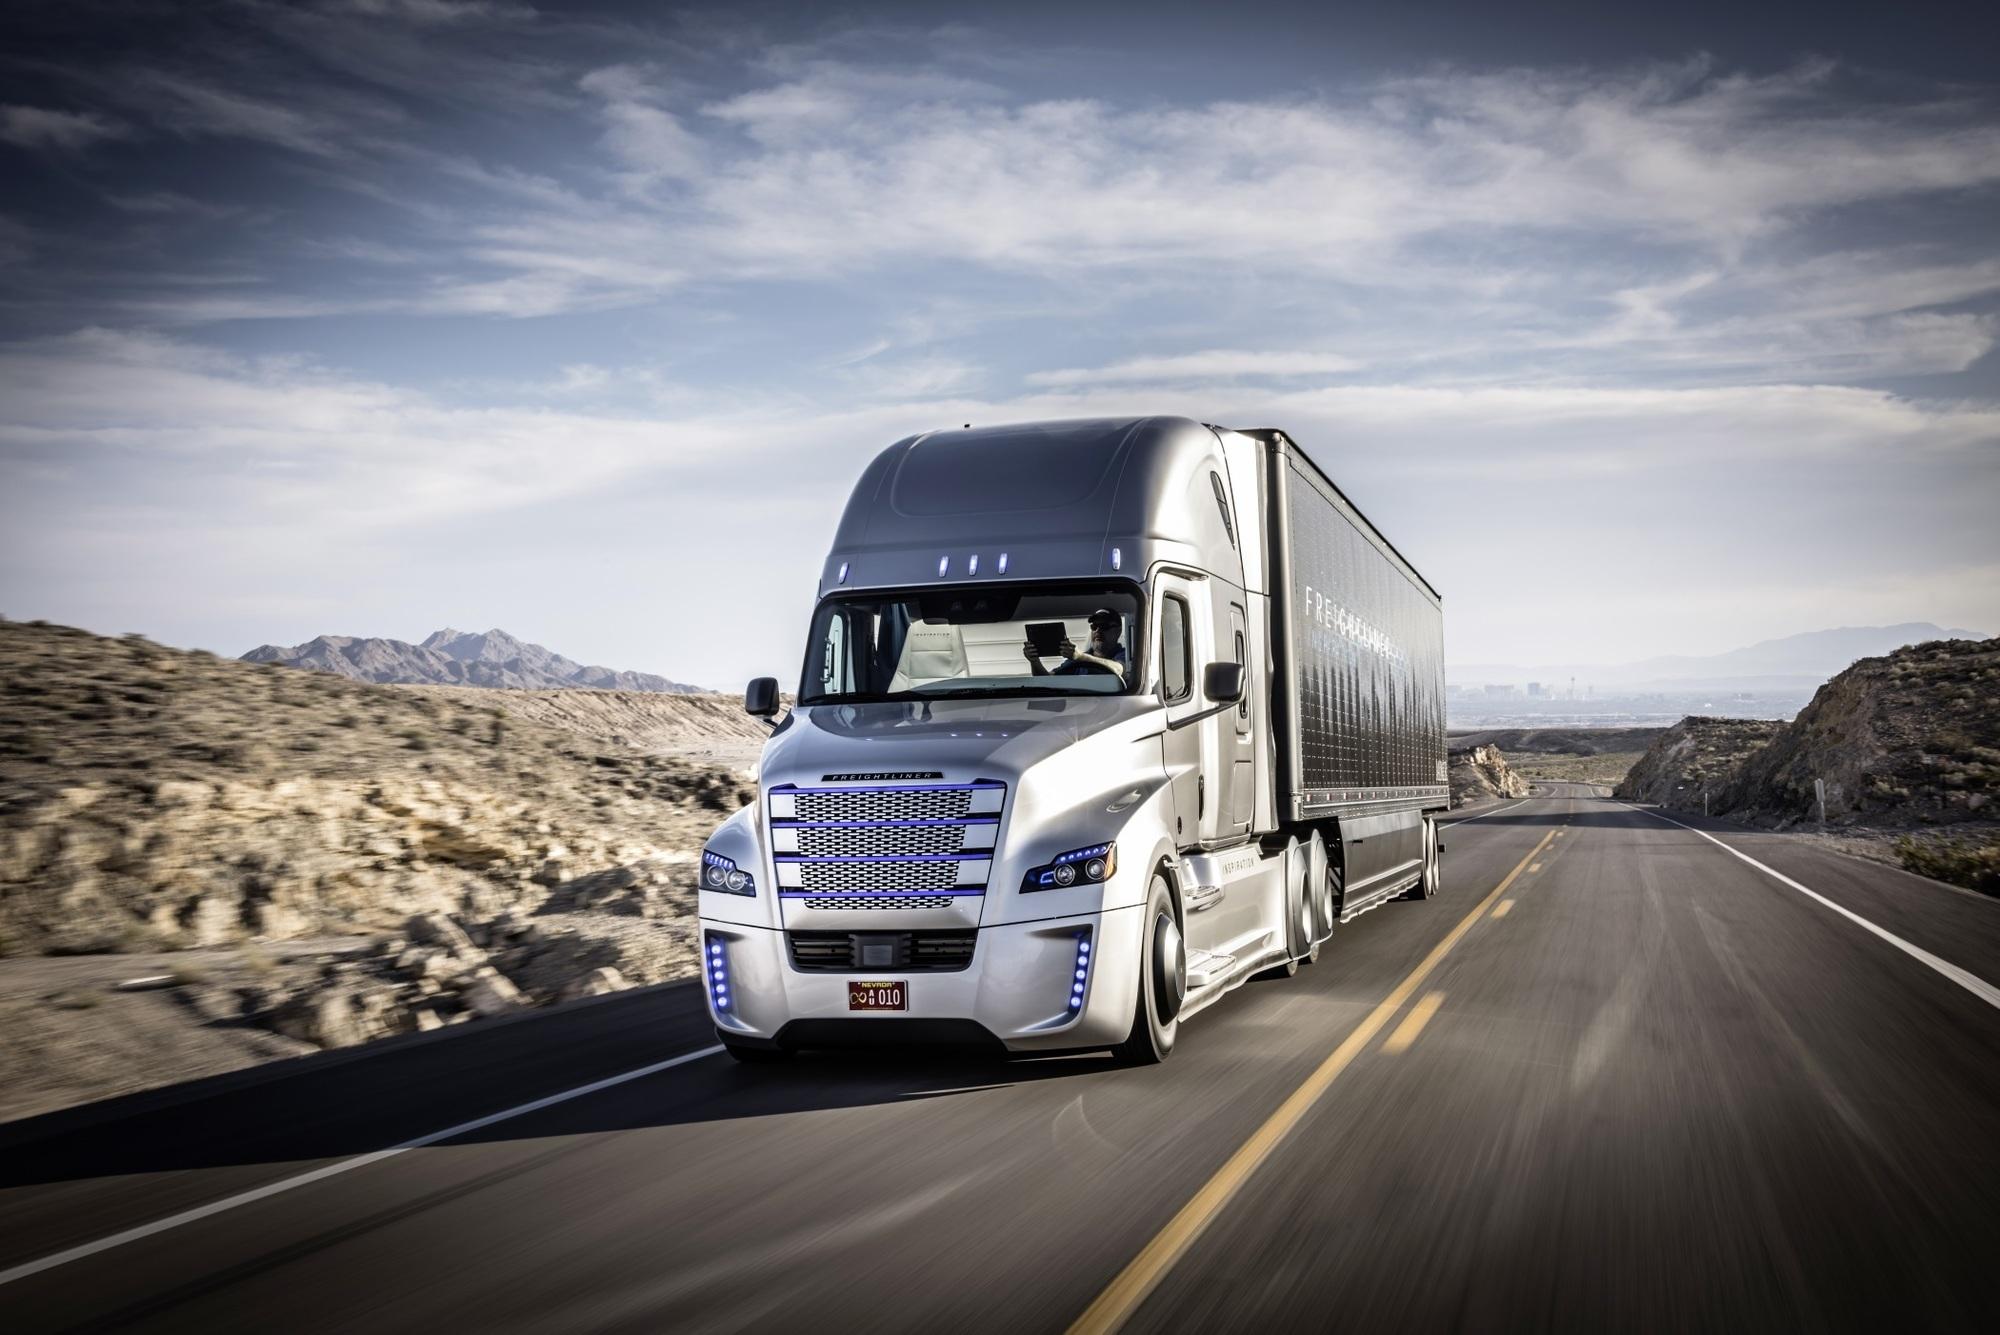 Autonomer Lkw fährt in den USA - Selbstfahrender Brummi im Testlauf